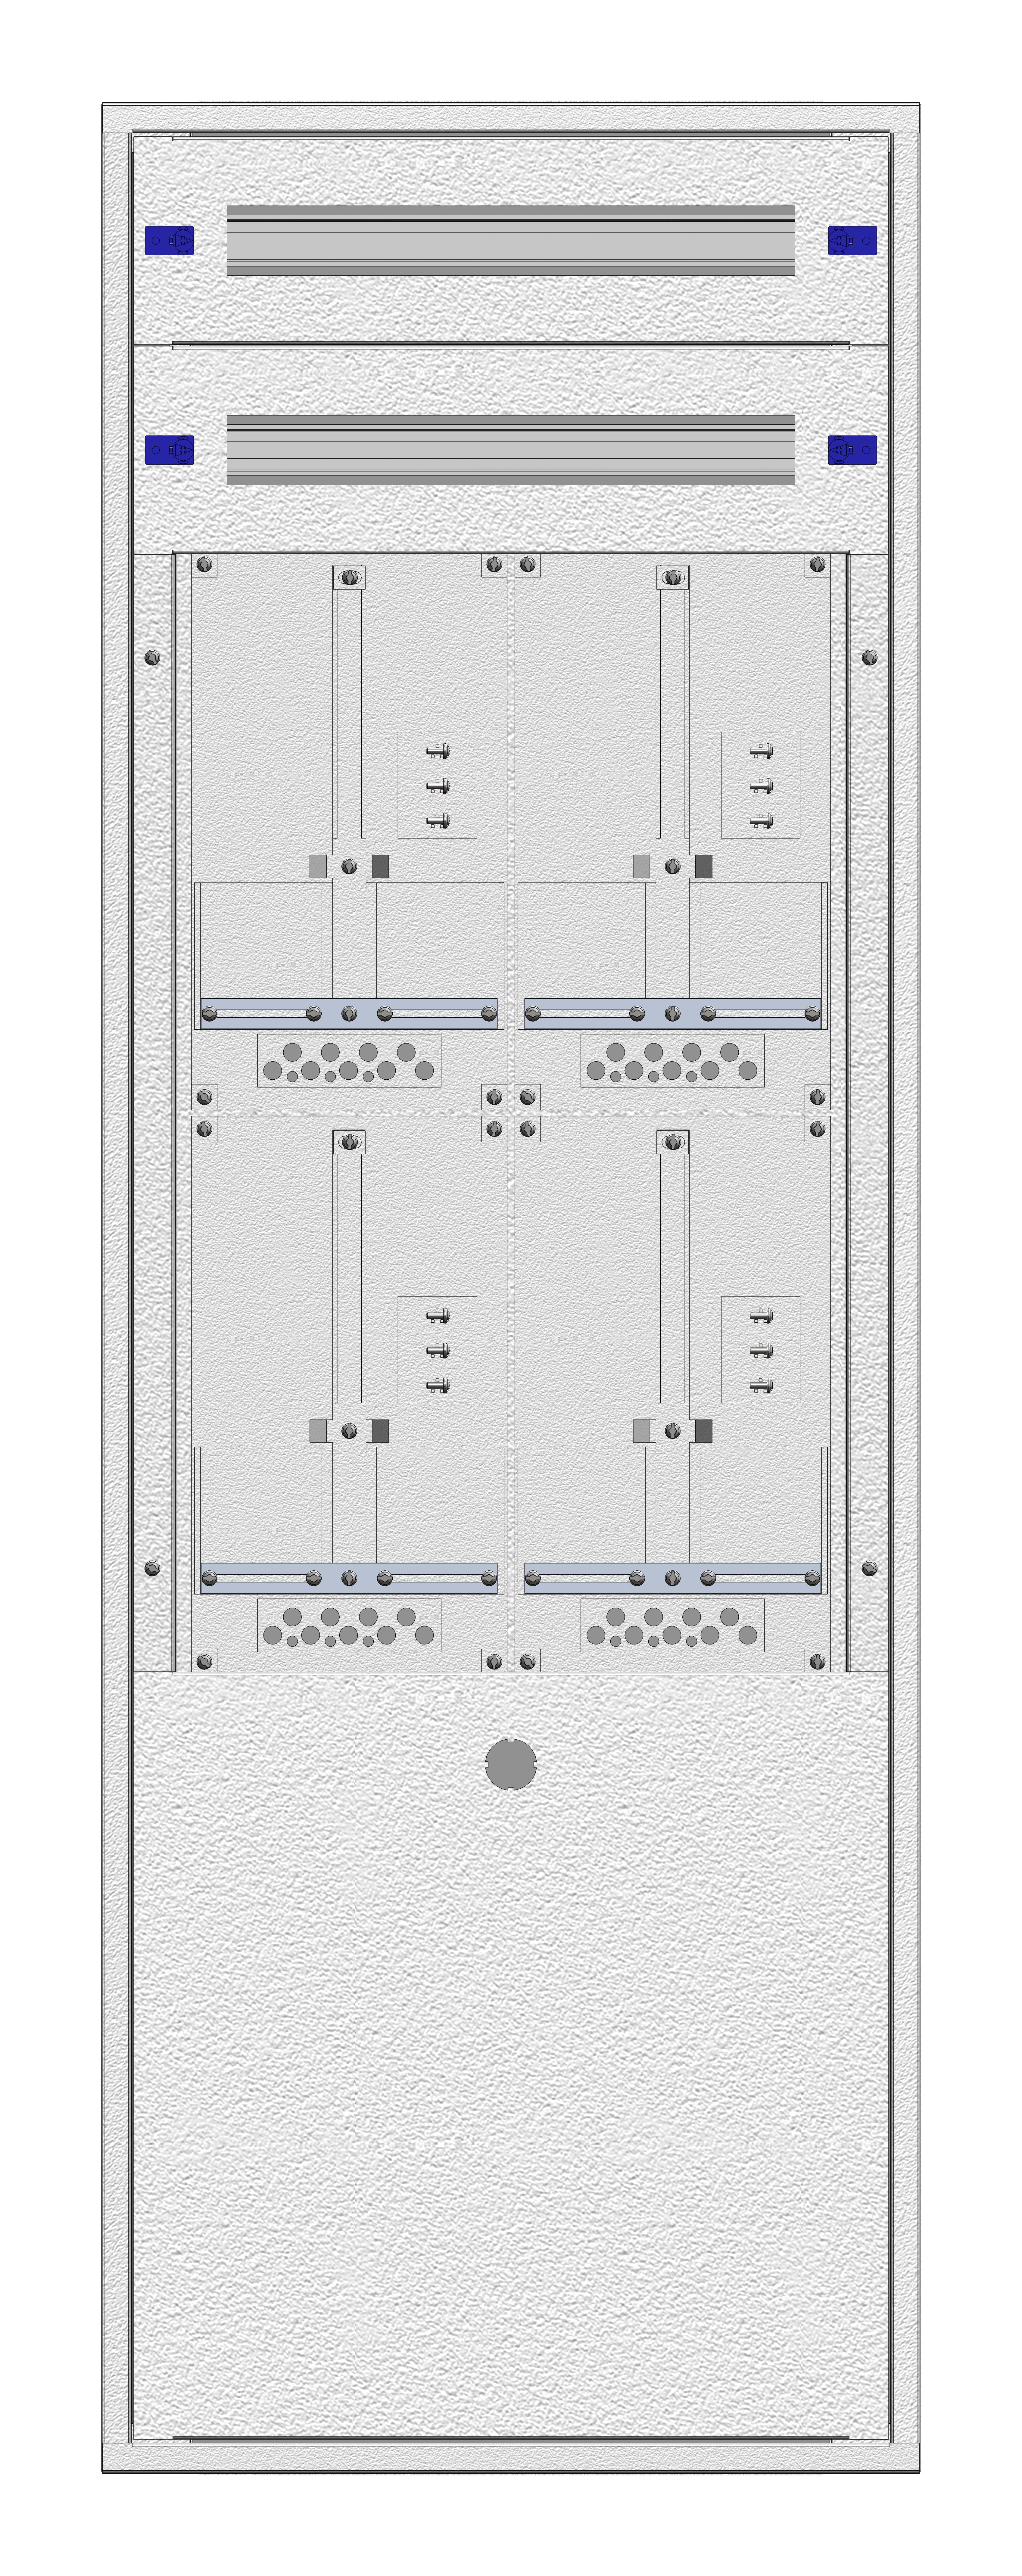 1 Stk Aufputz-Zählerverteiler 2A-33G/NOE 4ZP, H1605B590T250mm IL162233NS